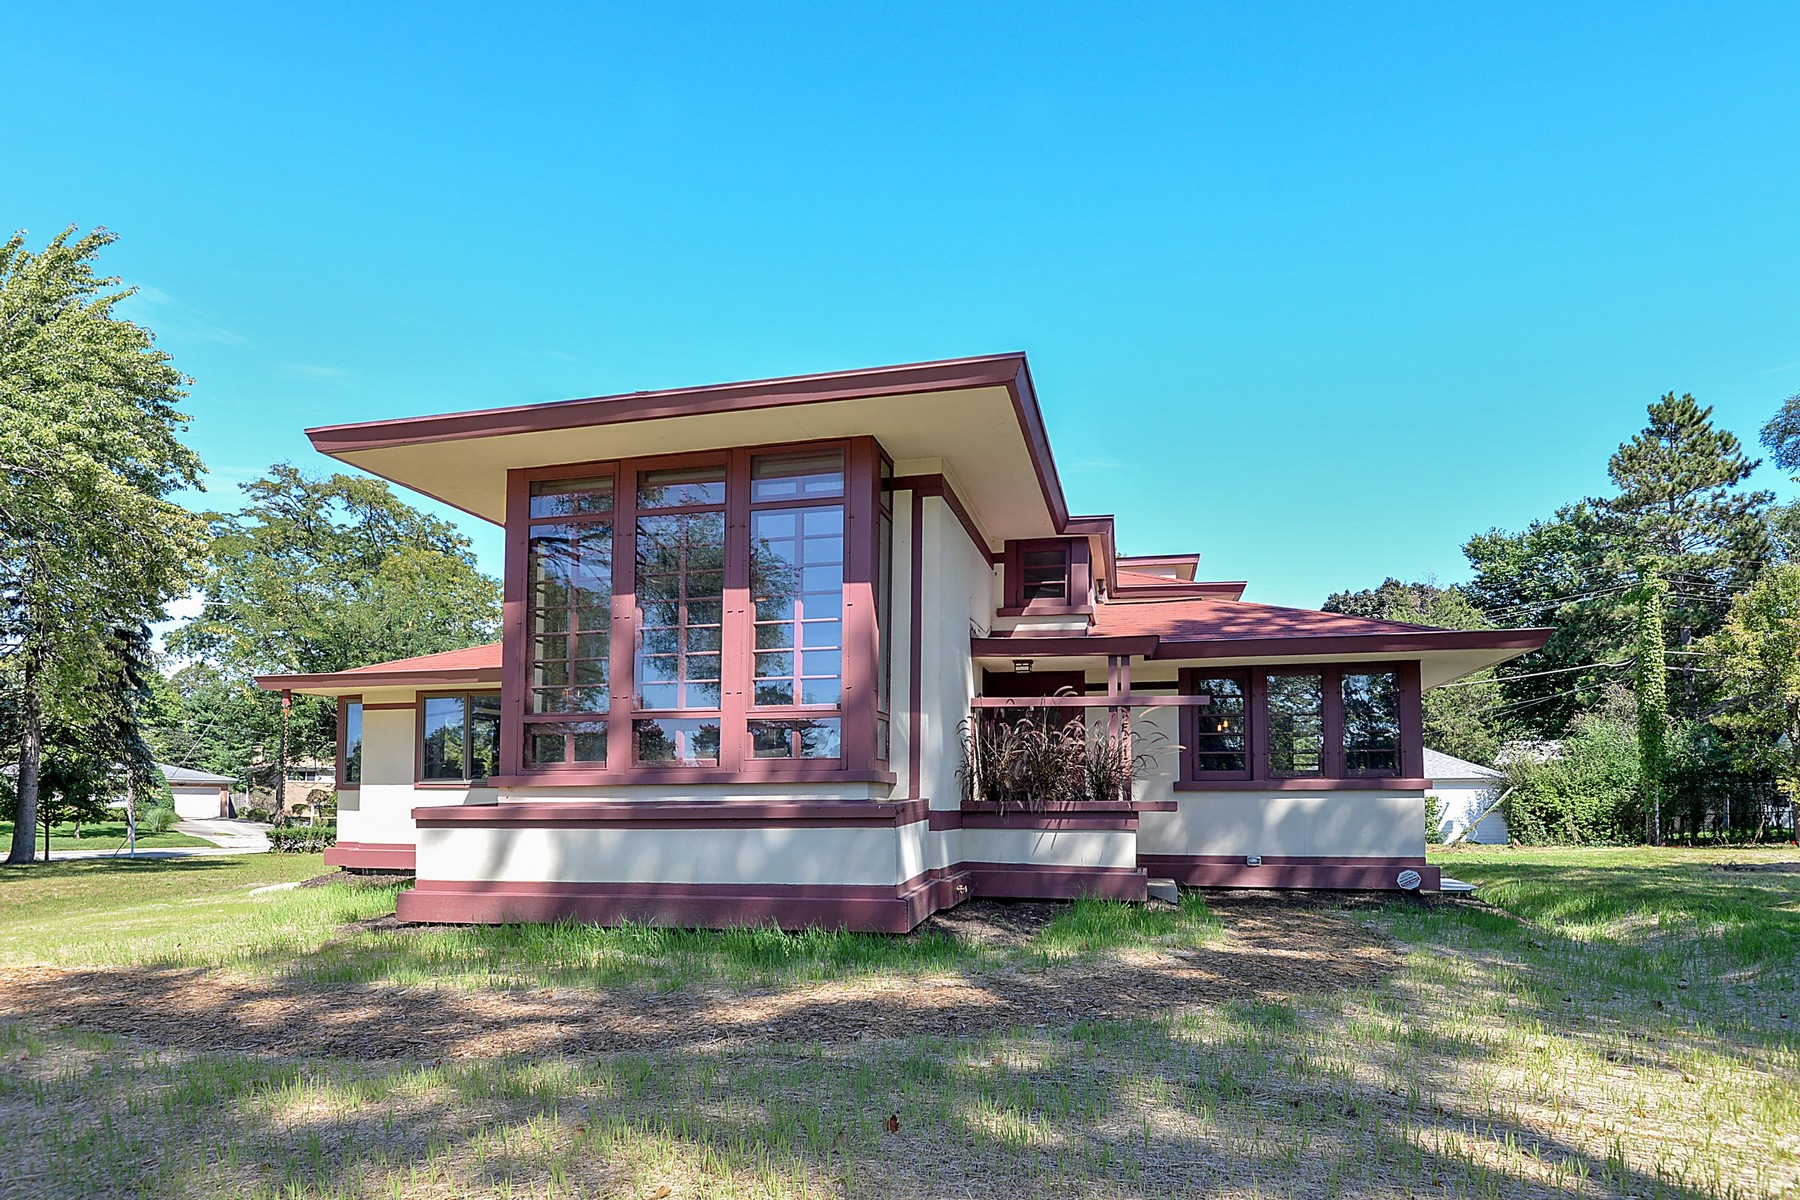 Casa Unifamiliar por un Venta en The House That Moved 2771 Crawford Avenue Evanston, Illinois, 60201 Estados Unidos